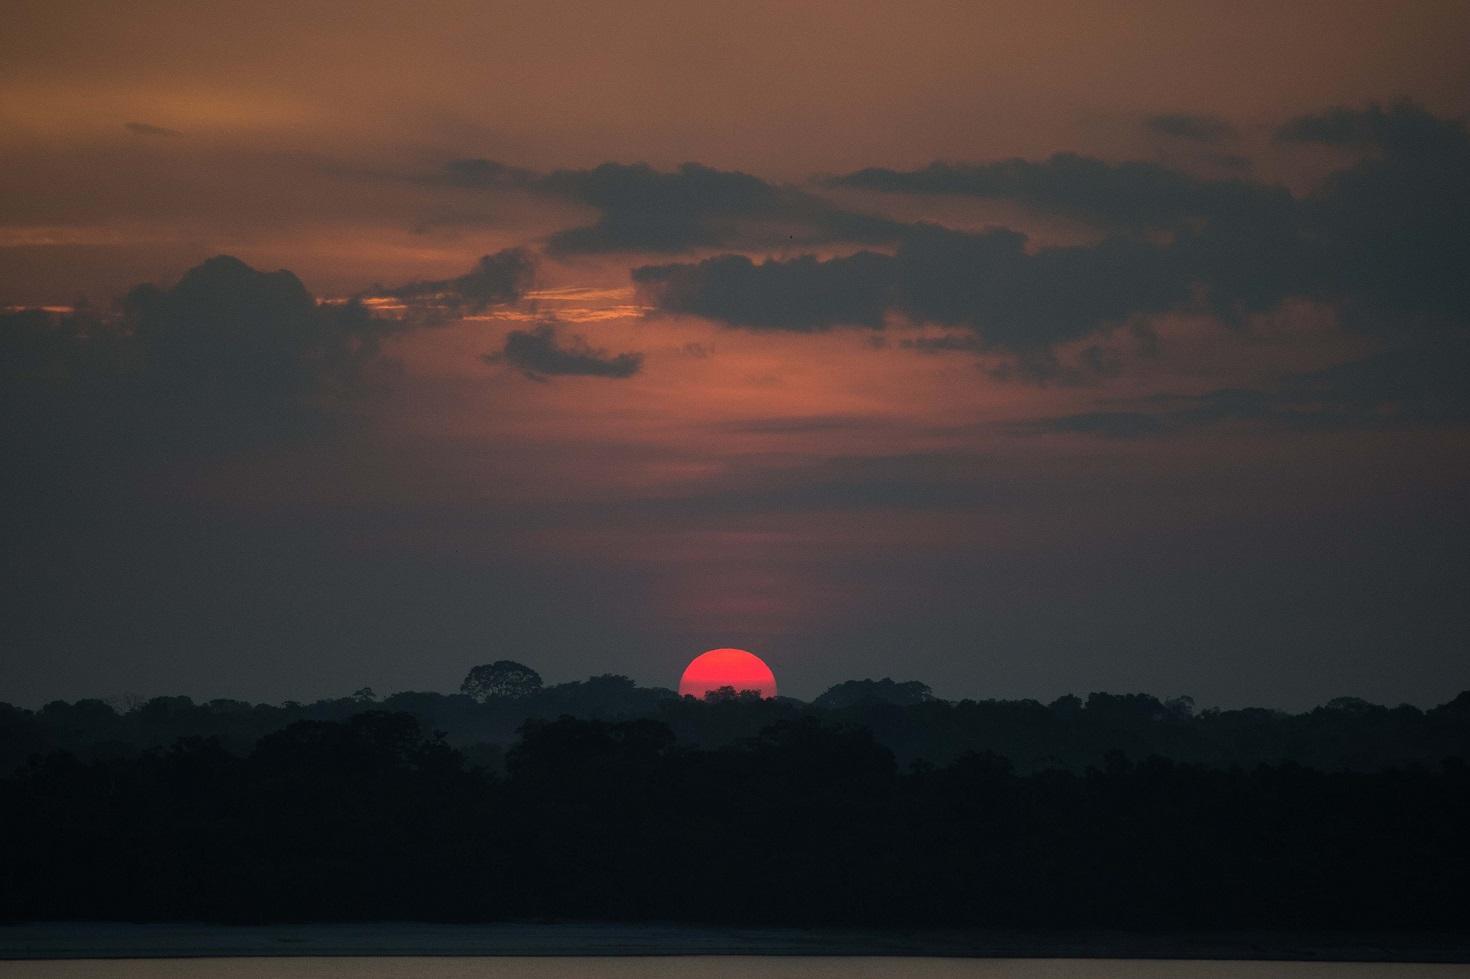 Pôr do sol na Amazônia. Protegido pela dificuldade de acesso, o Alto Rio Negro desperta o interesse de mineradoras. Foto Christophe Simon/AFP